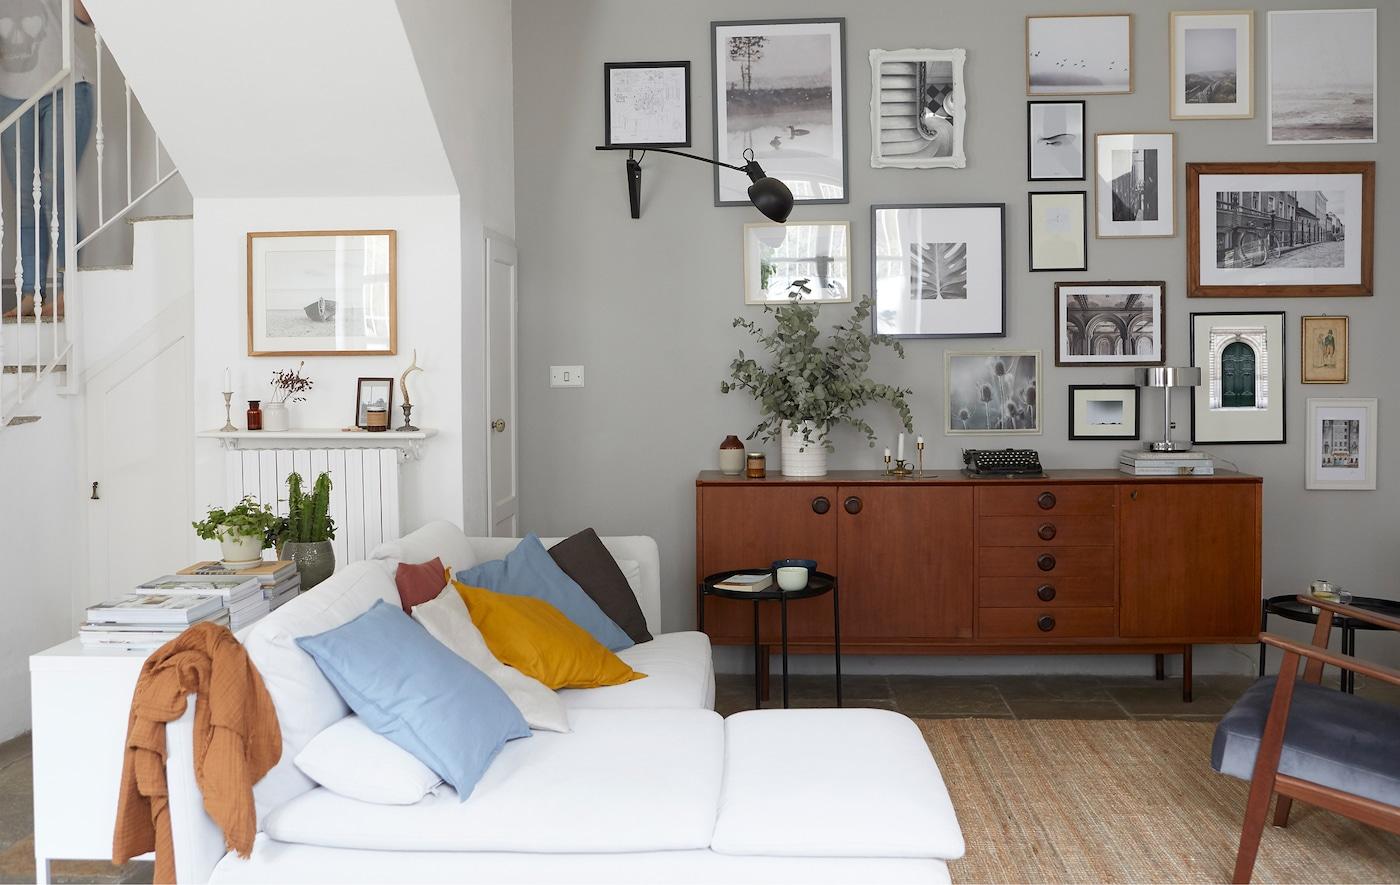 Camerette Tre Letti Ikea l'open space dell'interior designer - ikea it